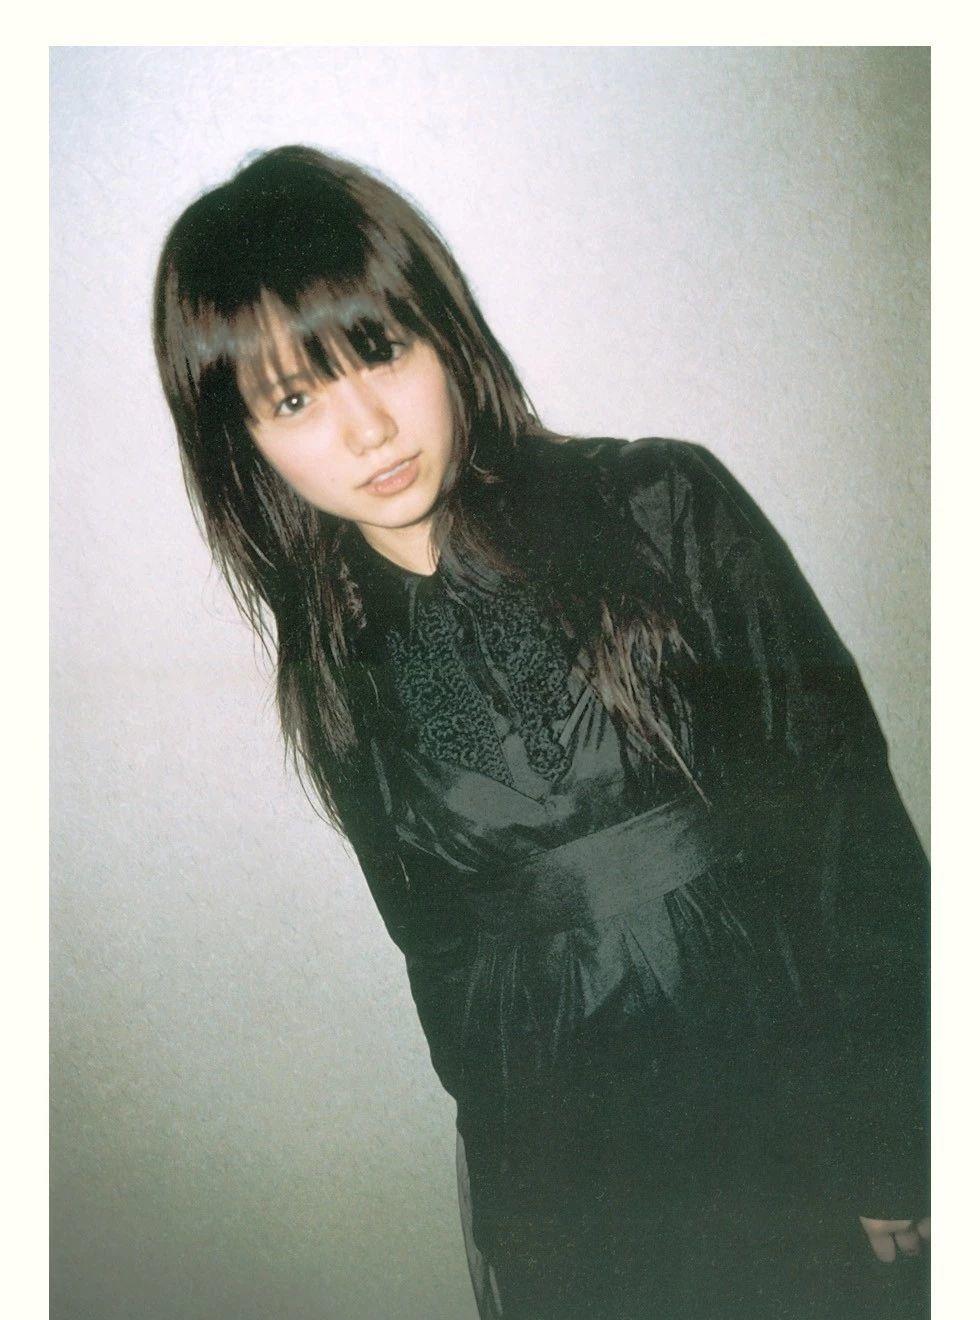 纯真脱俗的森系女神宫崎葵写真作品 (20)